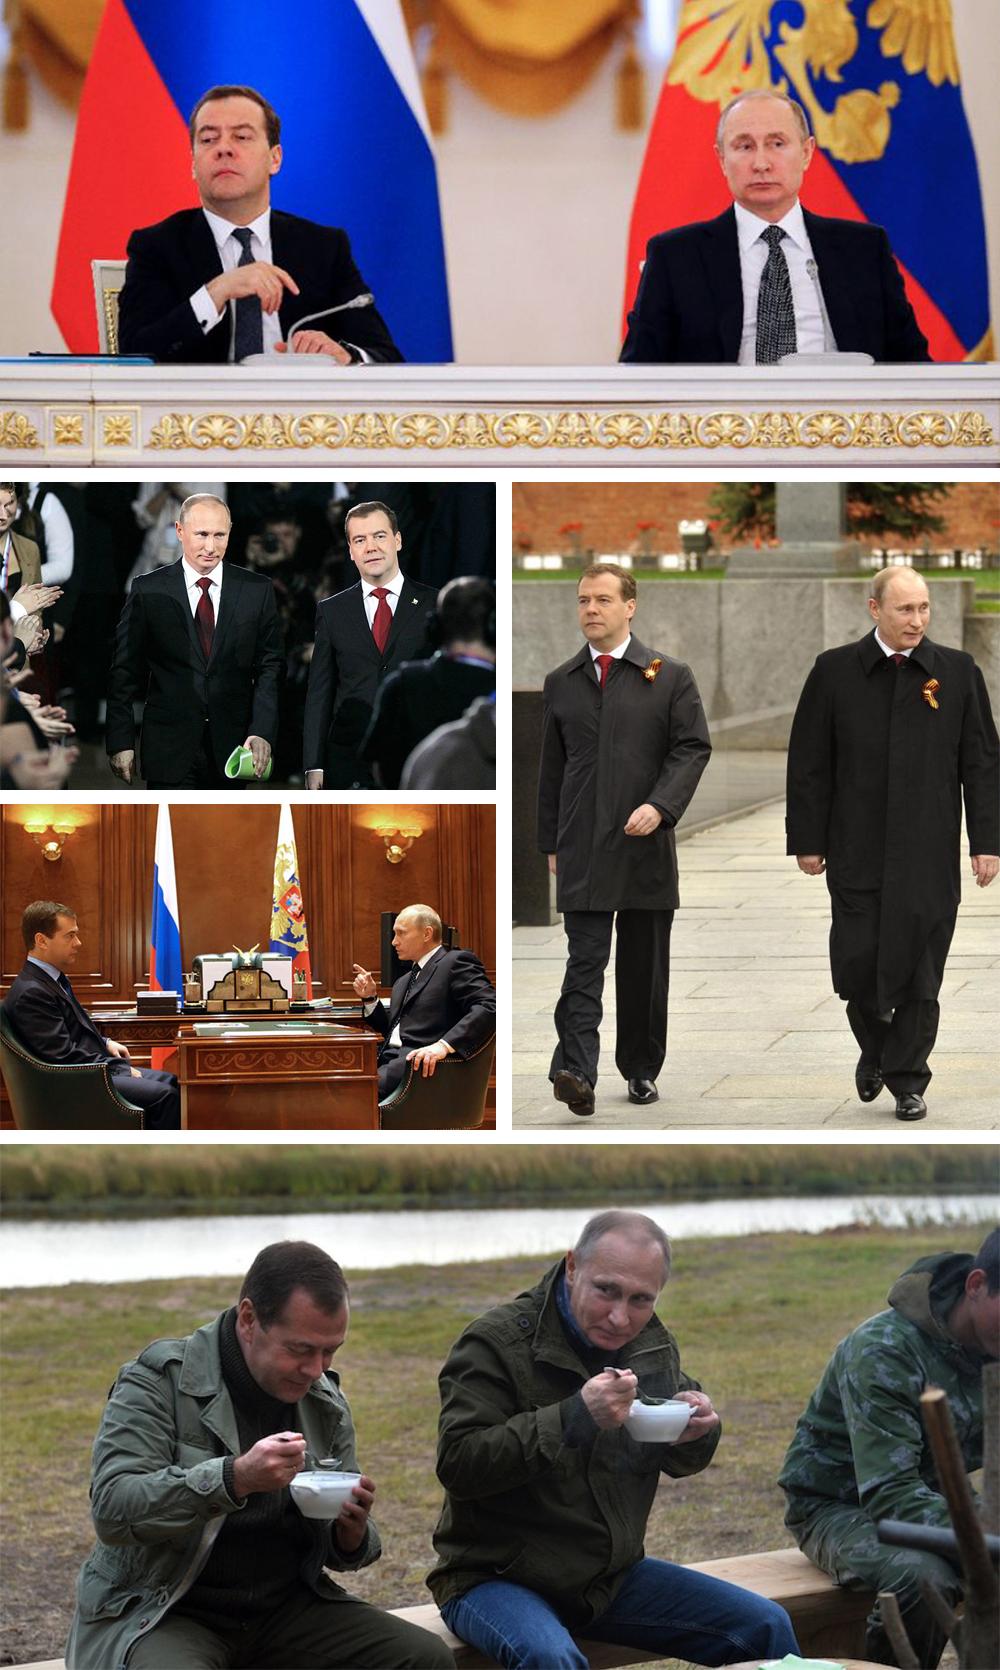 Từ năm 2008 đến năm 2012, ông giữ chức Thủ tướng Nga trong nhiệm kỳ của Tổng thống Dmitry Medvedev.